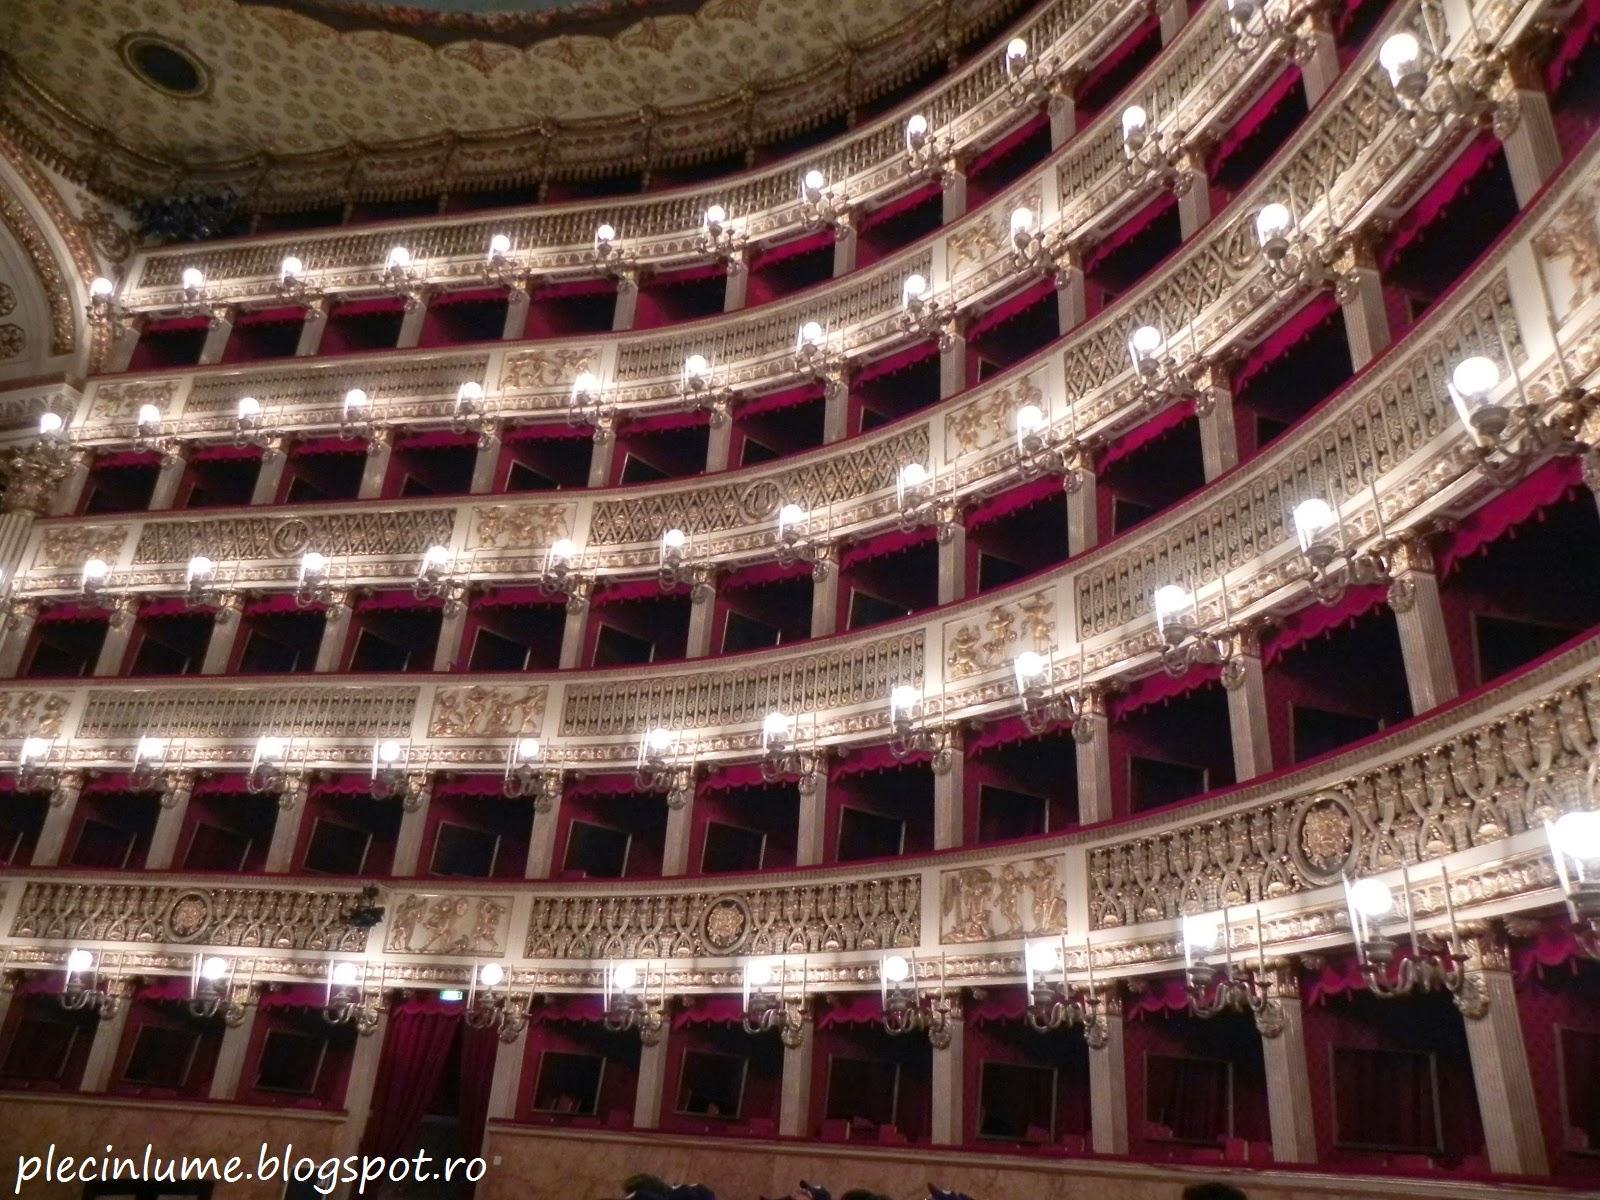 Oglinzile din Teatrul San Carlo